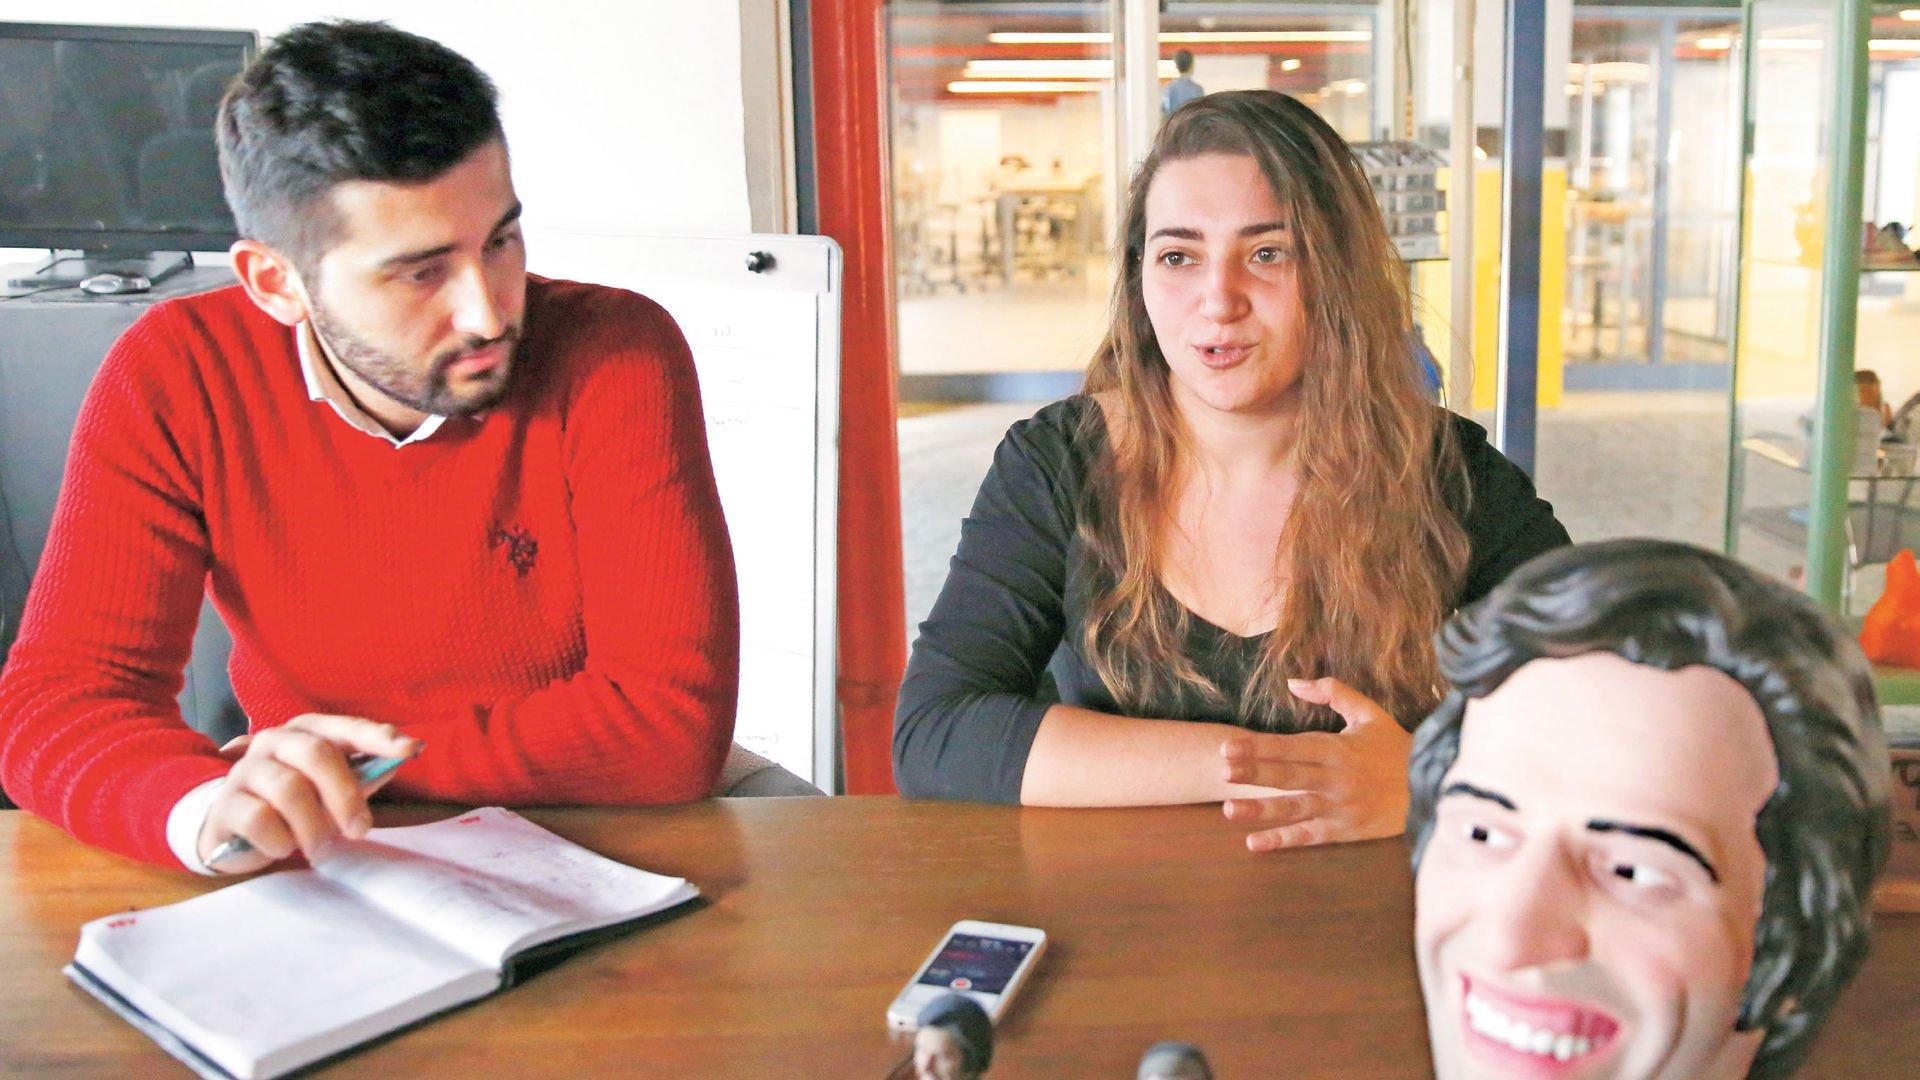 Türkiyede sadece 4 kadın yapıyor Onlardan biri